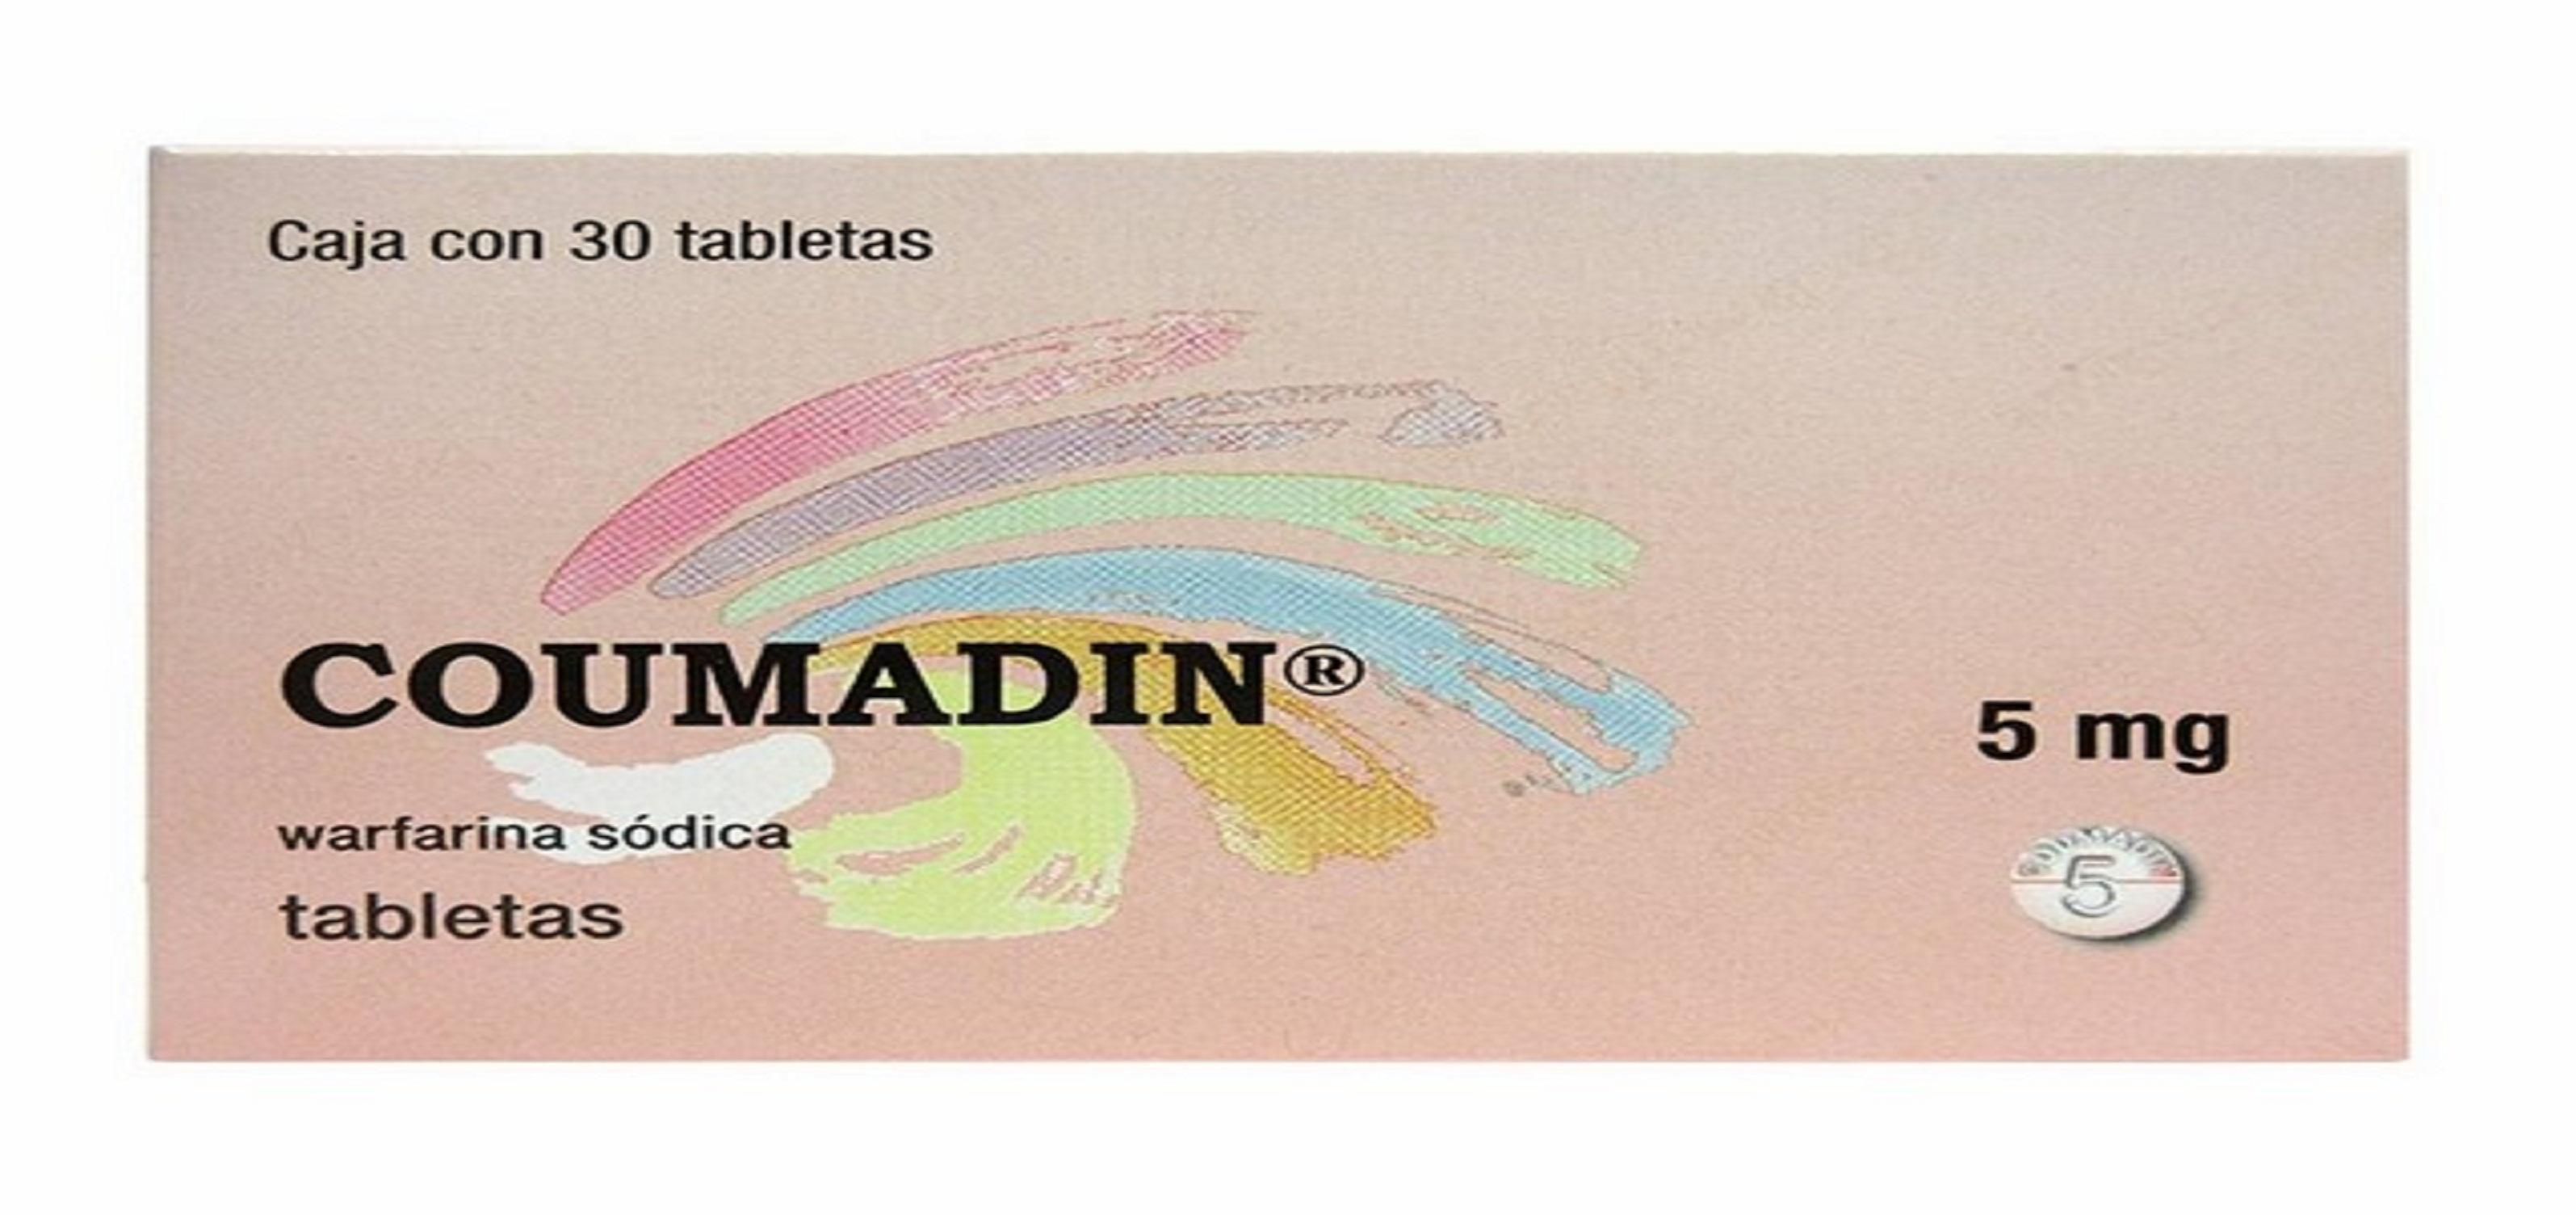 كومادين أقراص لعلاج تخثر الدم Coumadin Tablets